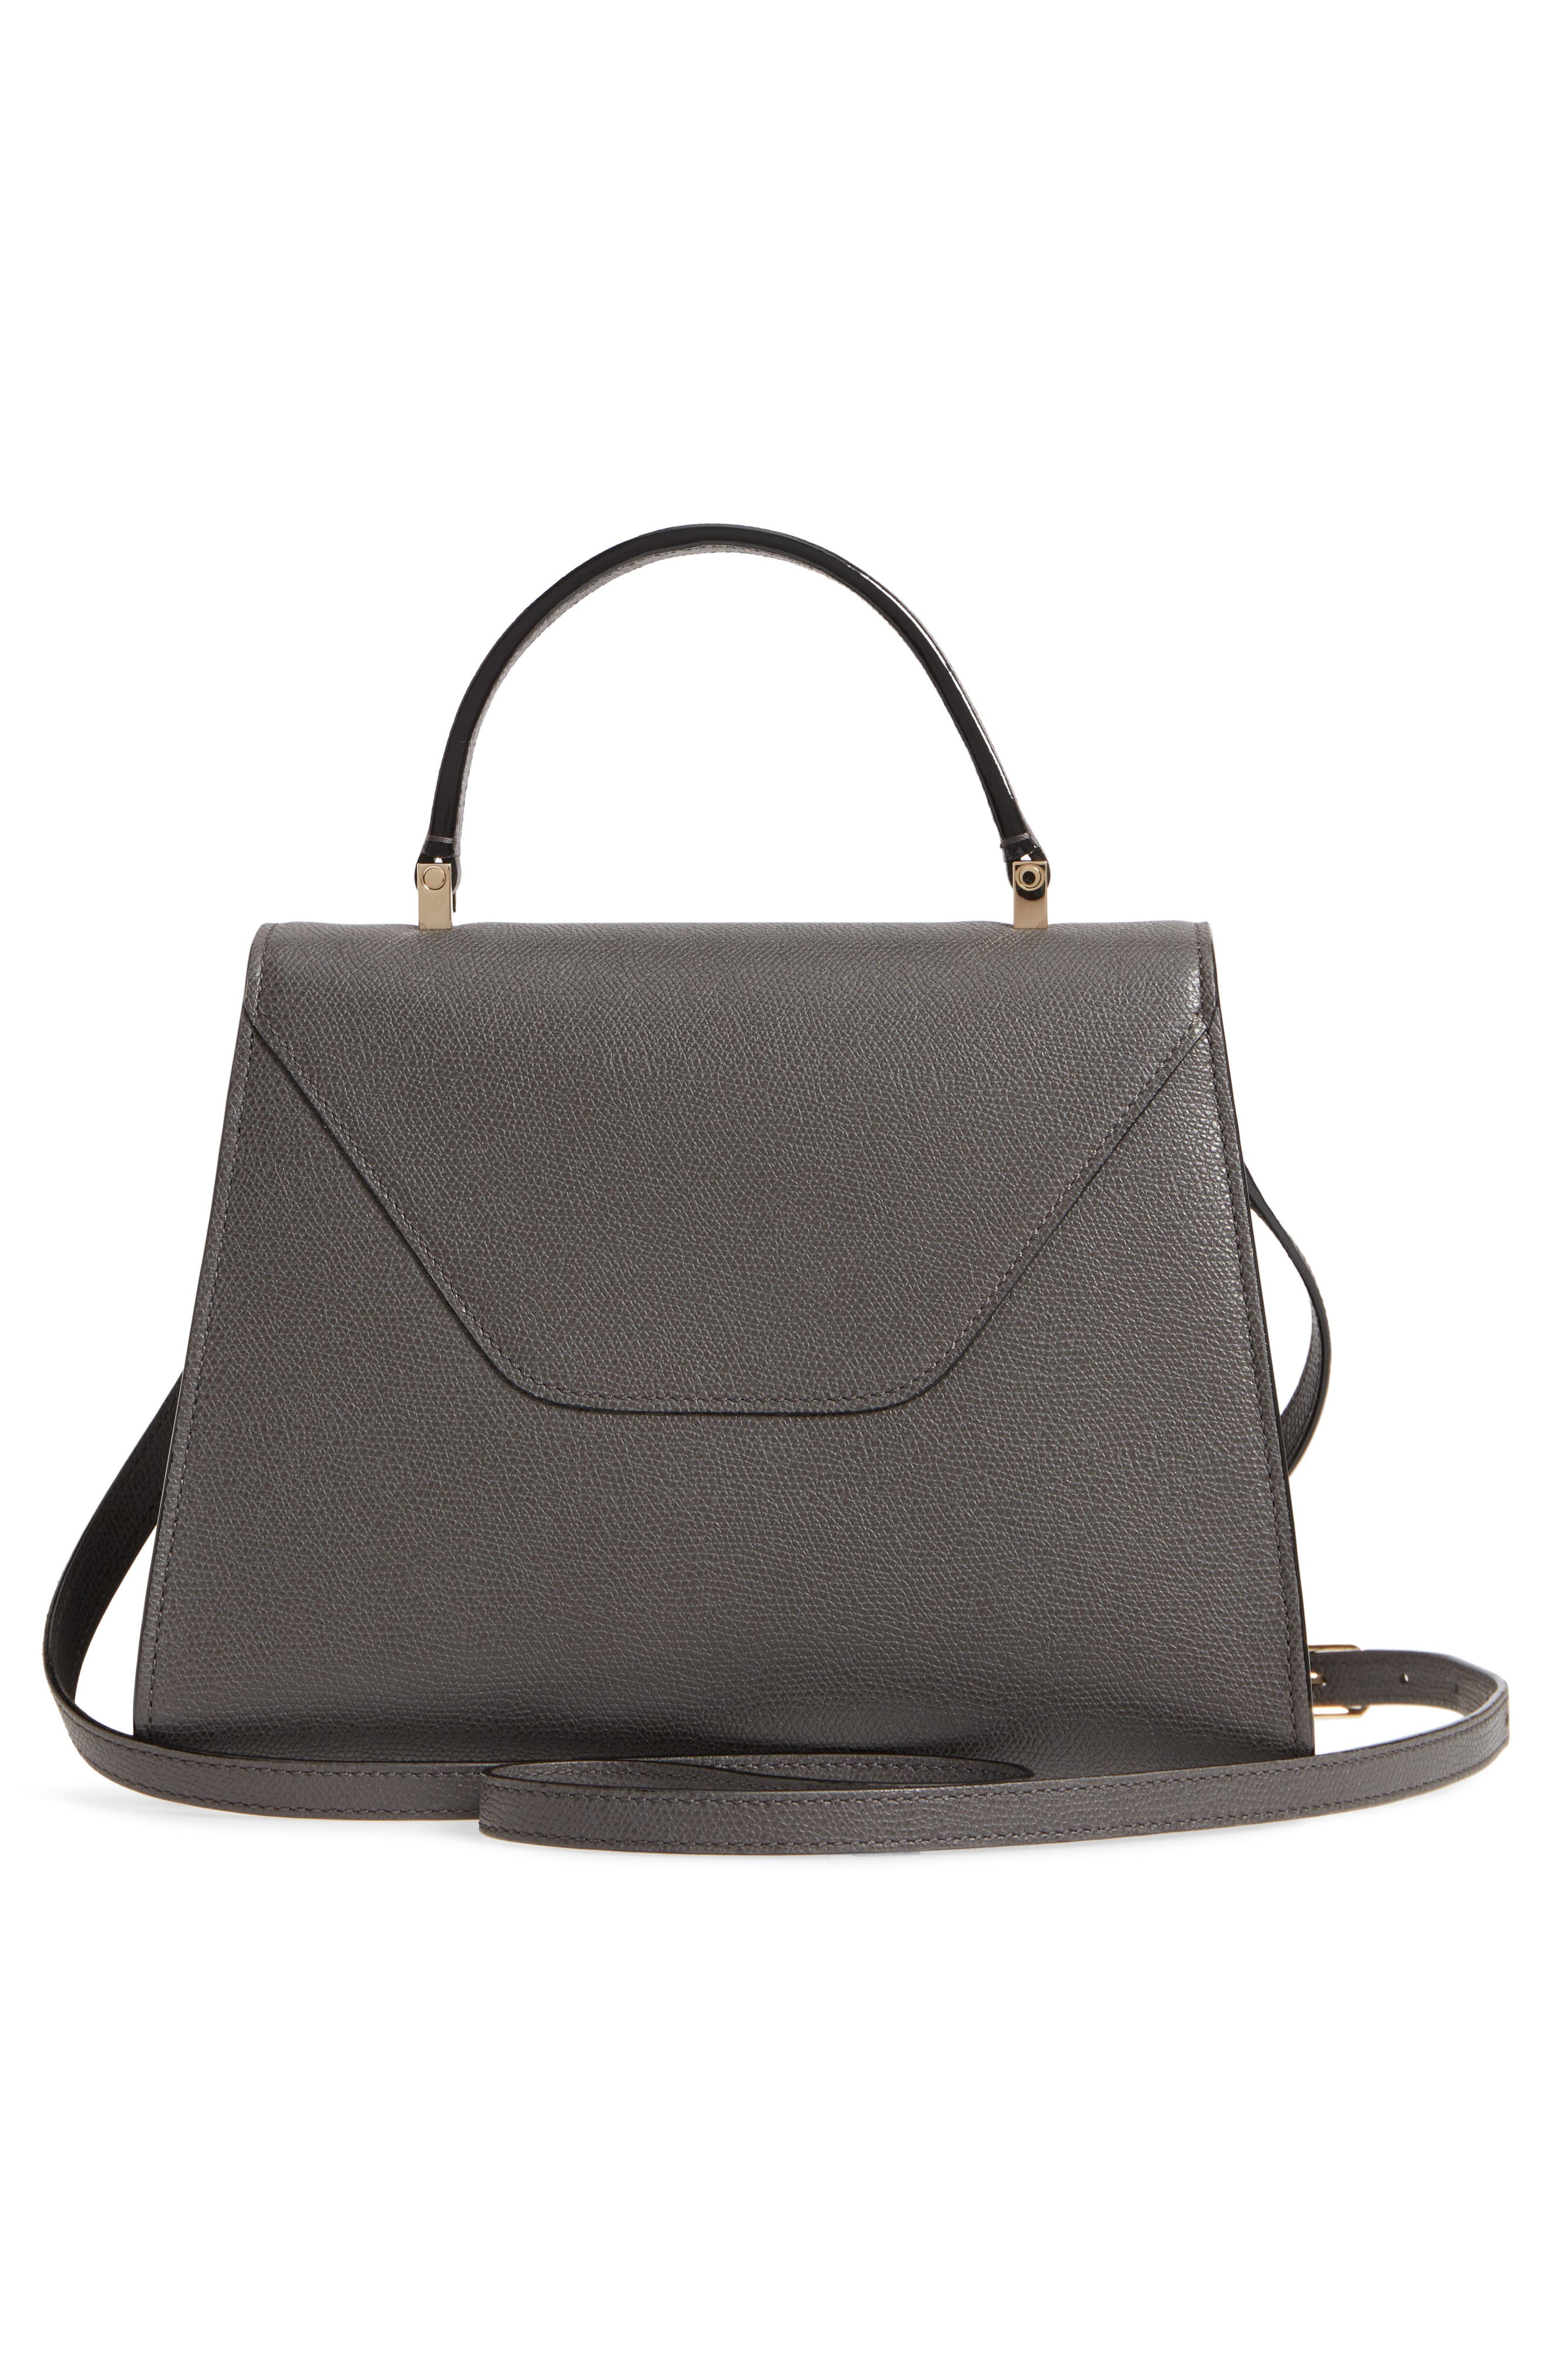 Iside Medium Top Handle Bag,                             Alternate thumbnail 3, color,                             FUMO DI LONDRA